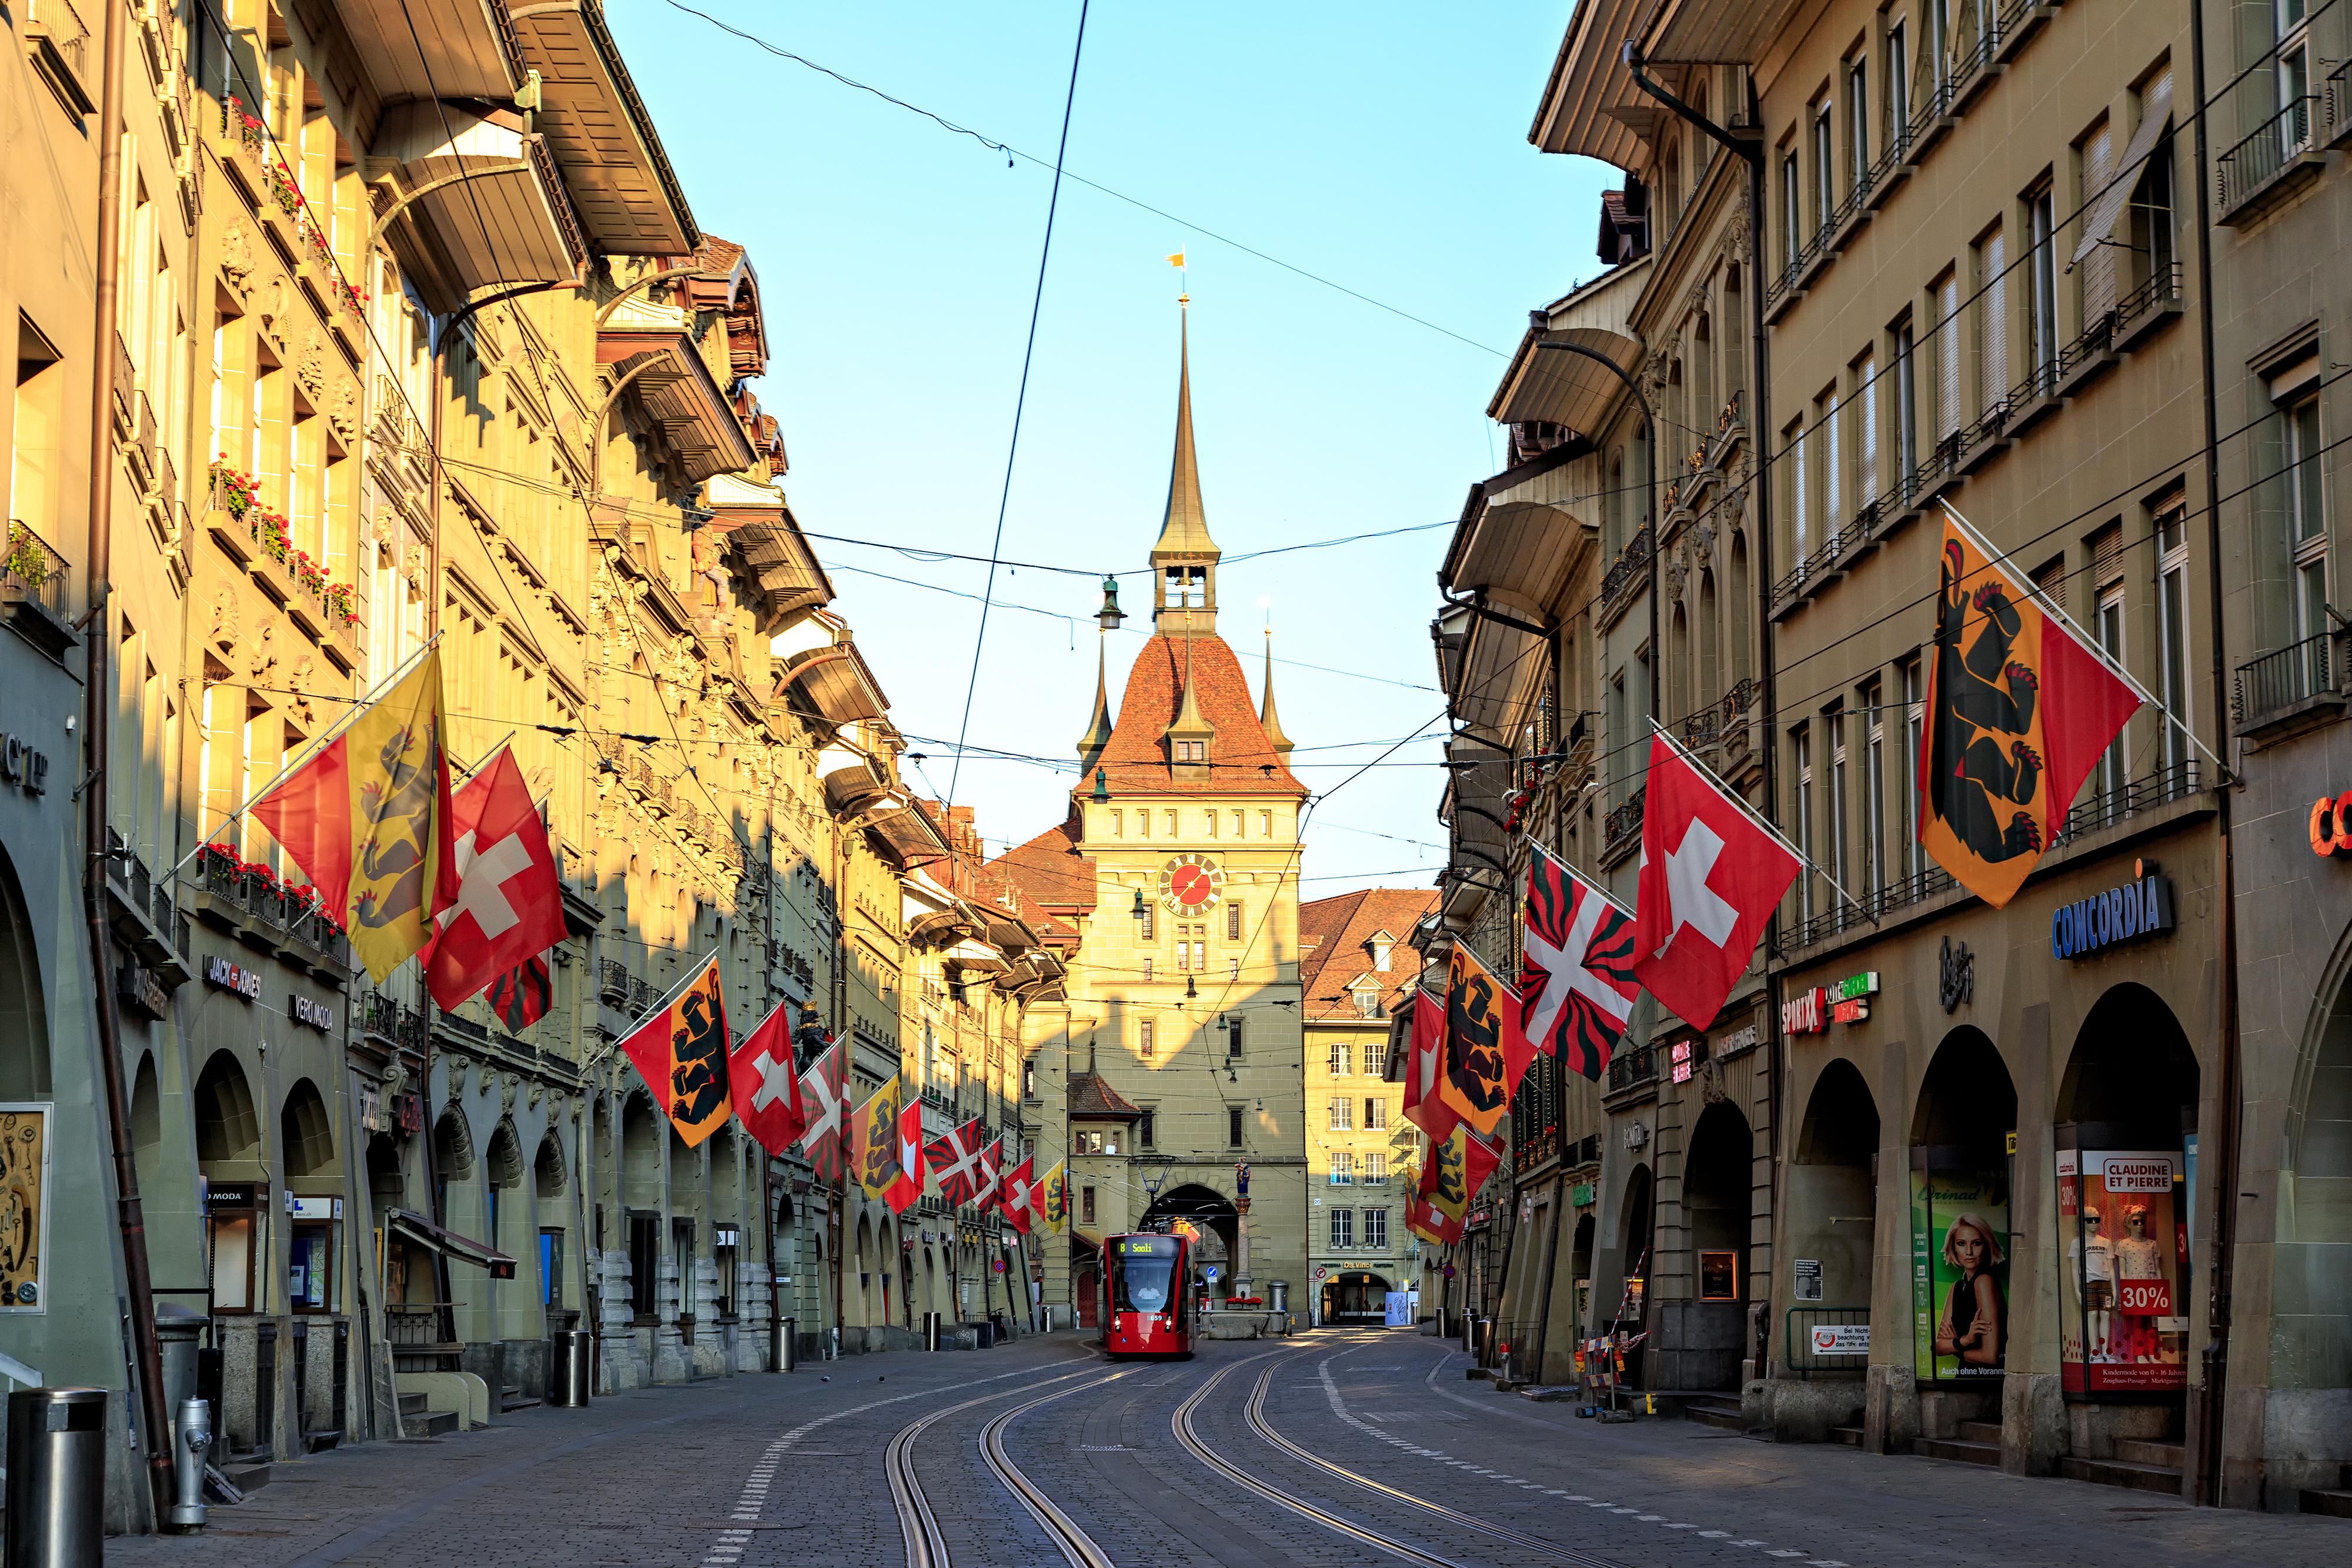 Улица в Берне, столице Швейцарии, где наилучшая система здравоохранения